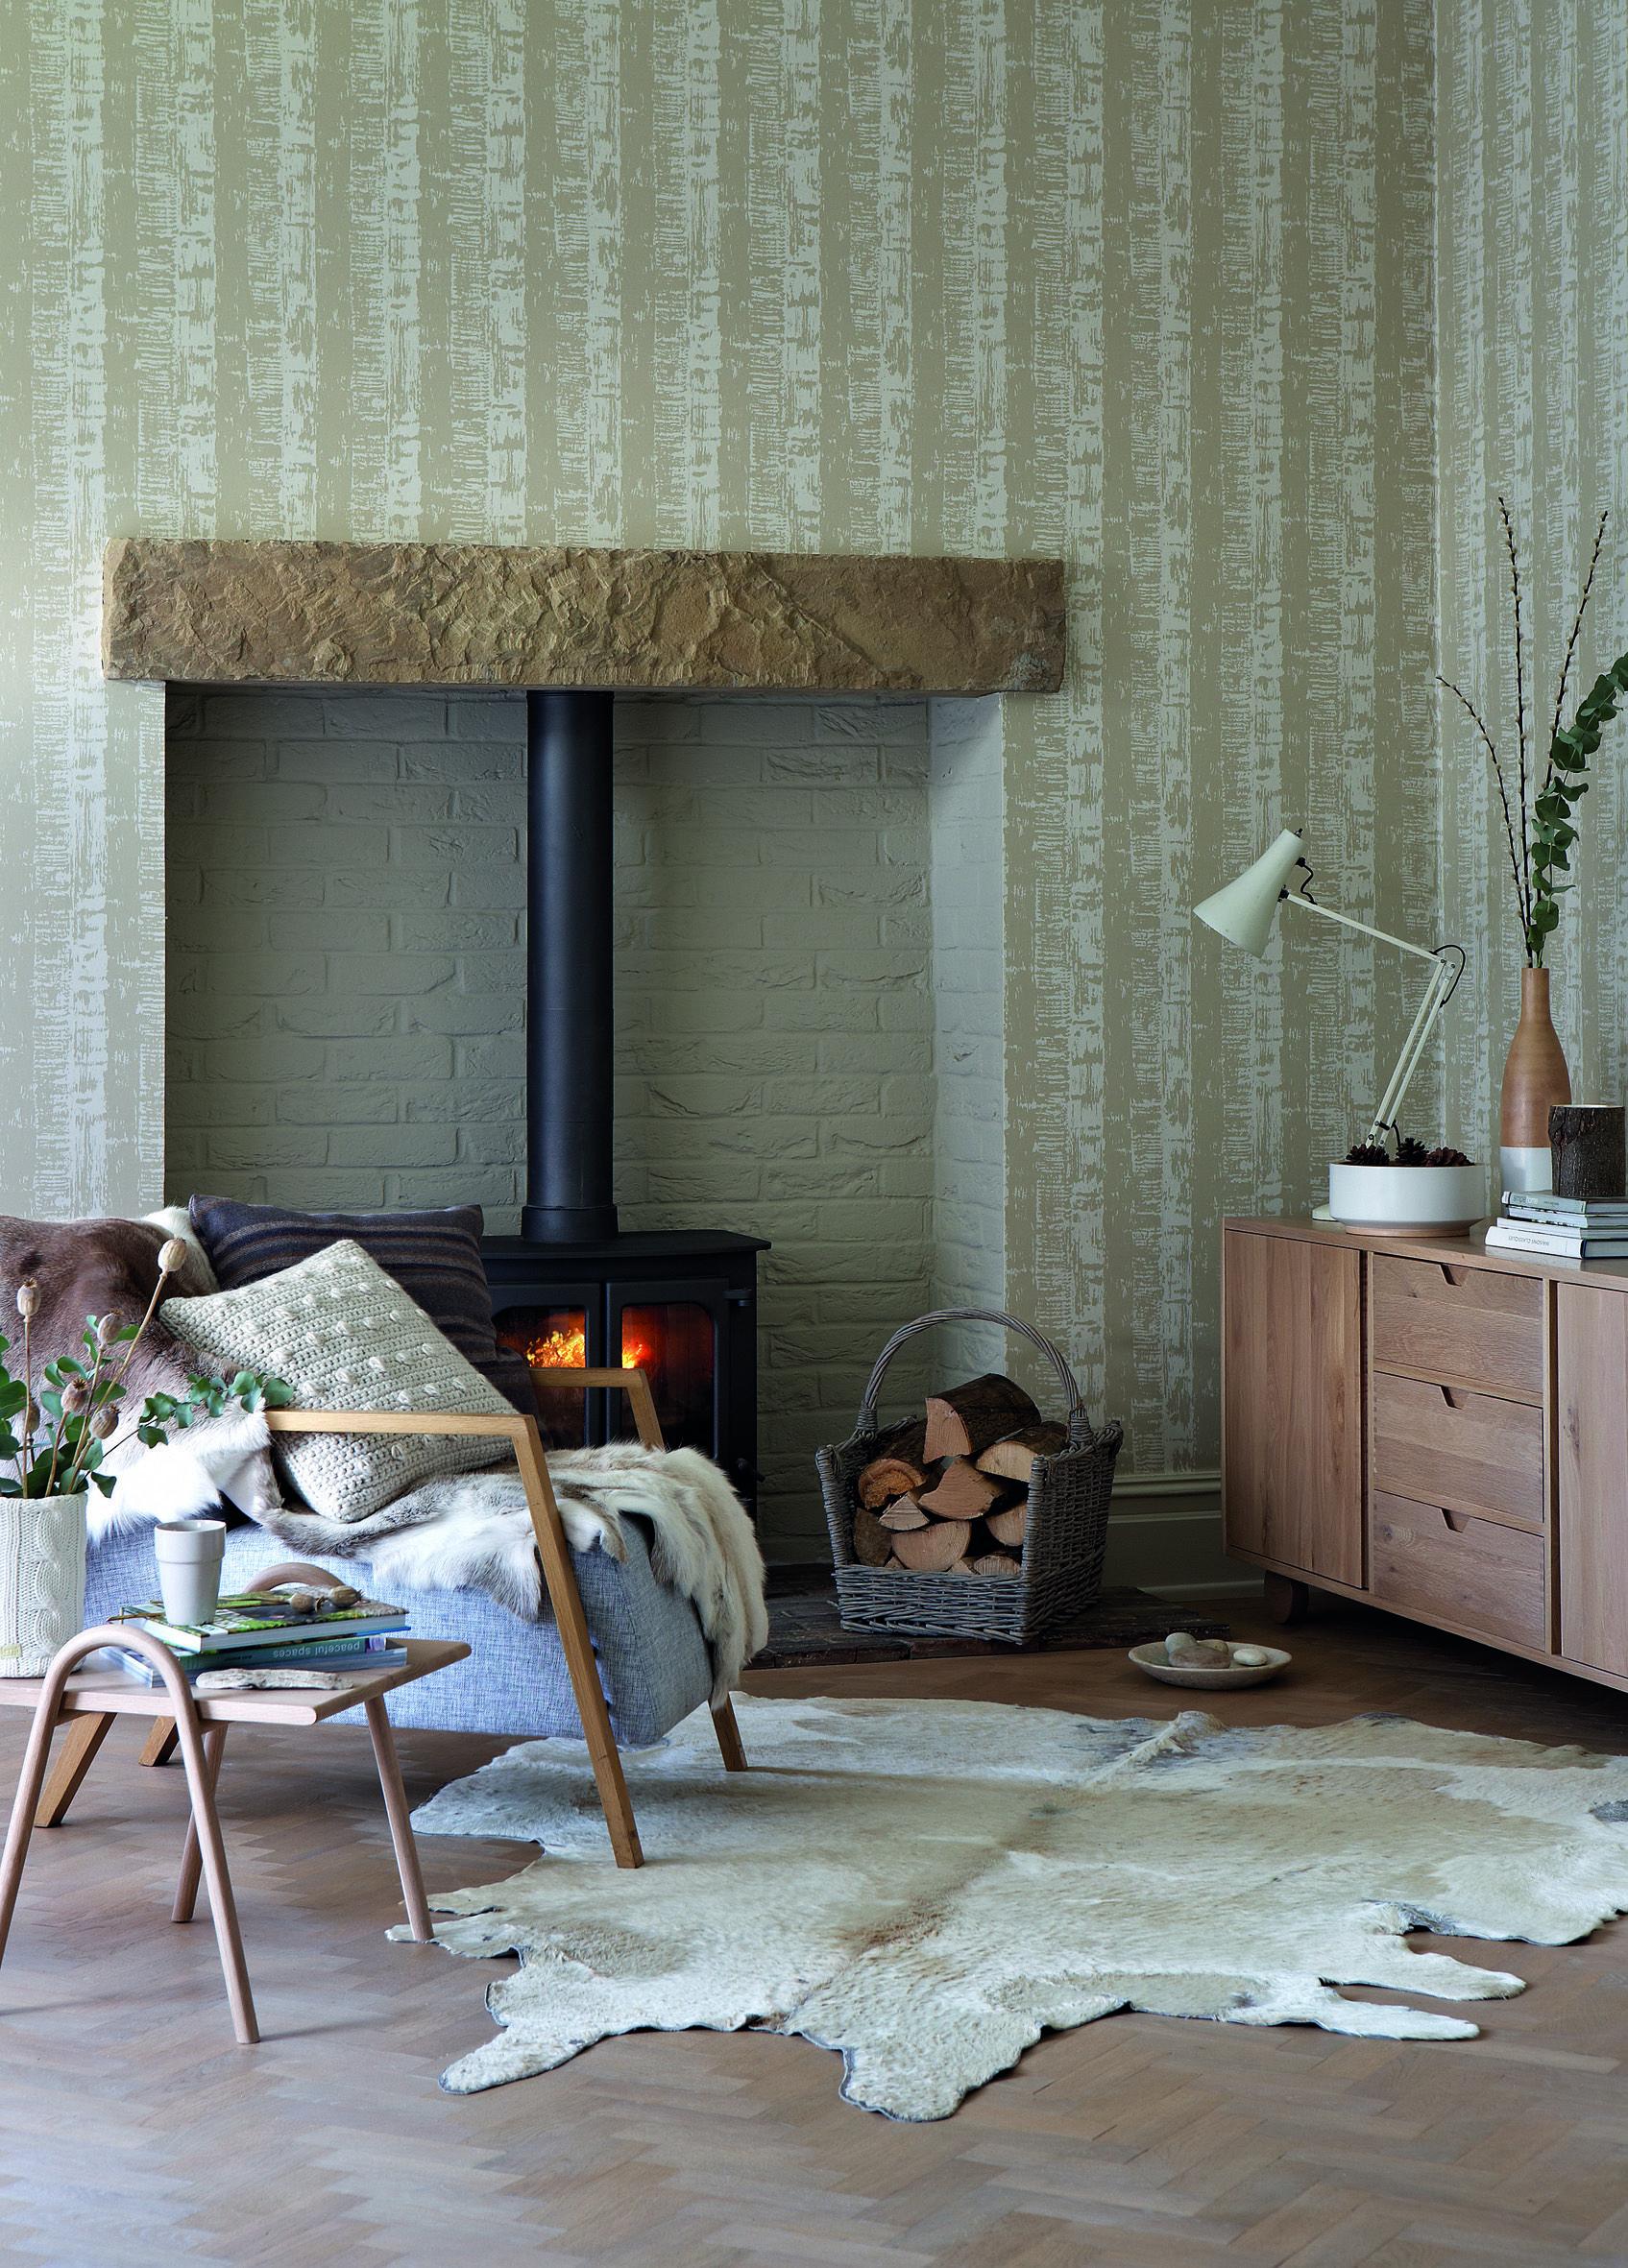 Behang Bark in de kleur Heath uit de collectie Retrospective Papers van LITTLE GREENE. www.littlegreene.nl | retro | muurdecoratie | wandbekleding | wallpaper | woonkamer | living | interieur | design | interior | wonen | home | styling